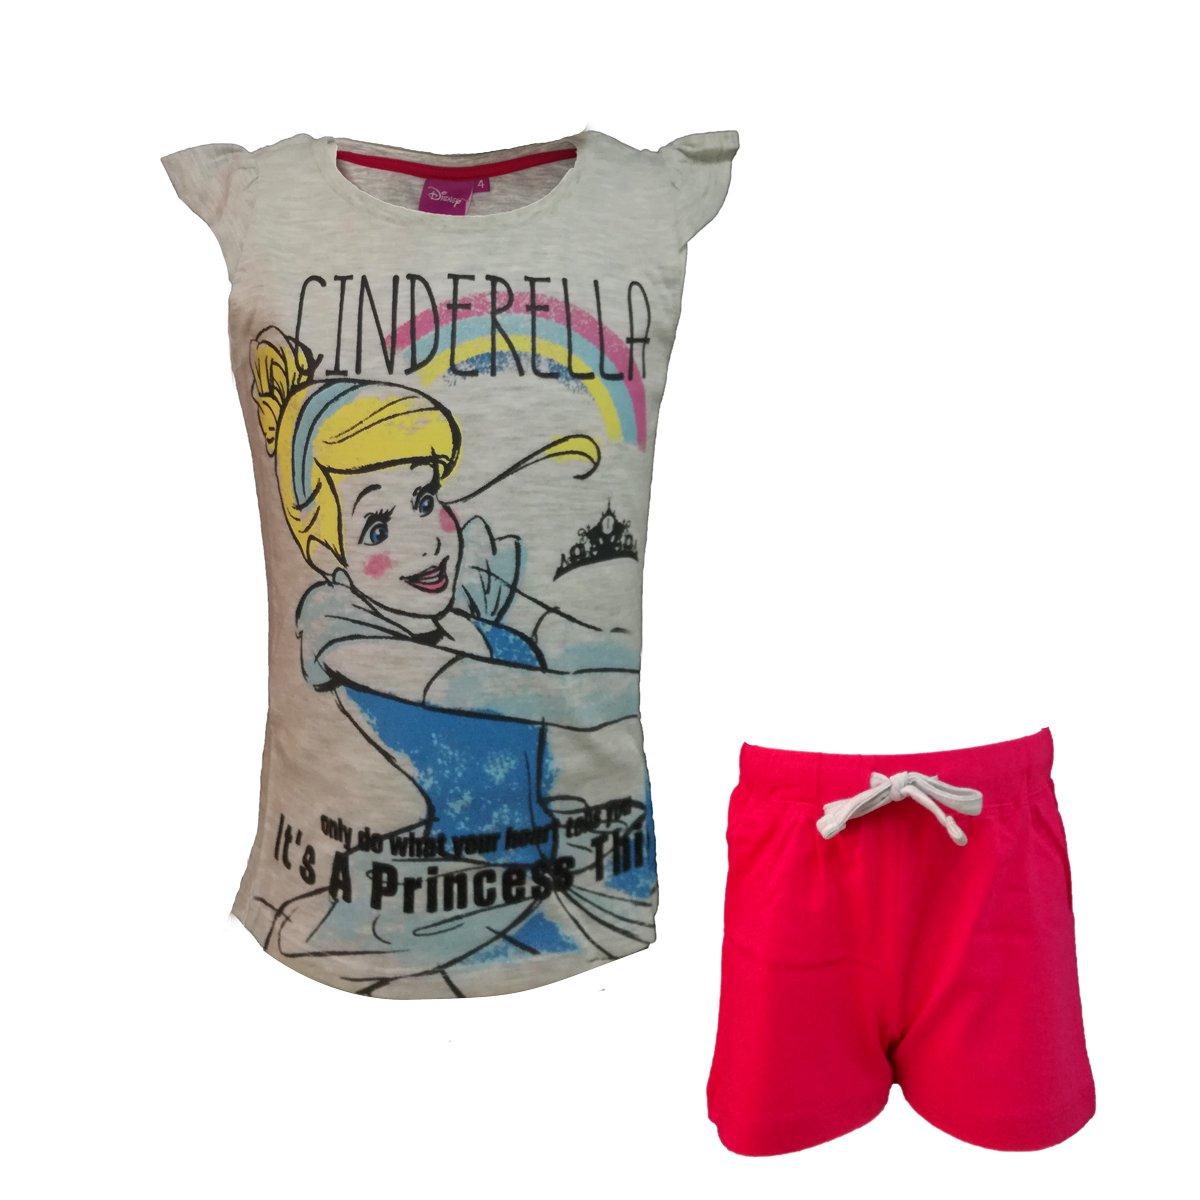 Disney completo bambina/ragazza mezza manica corto in cotone CENERENTOLA art. 5944B